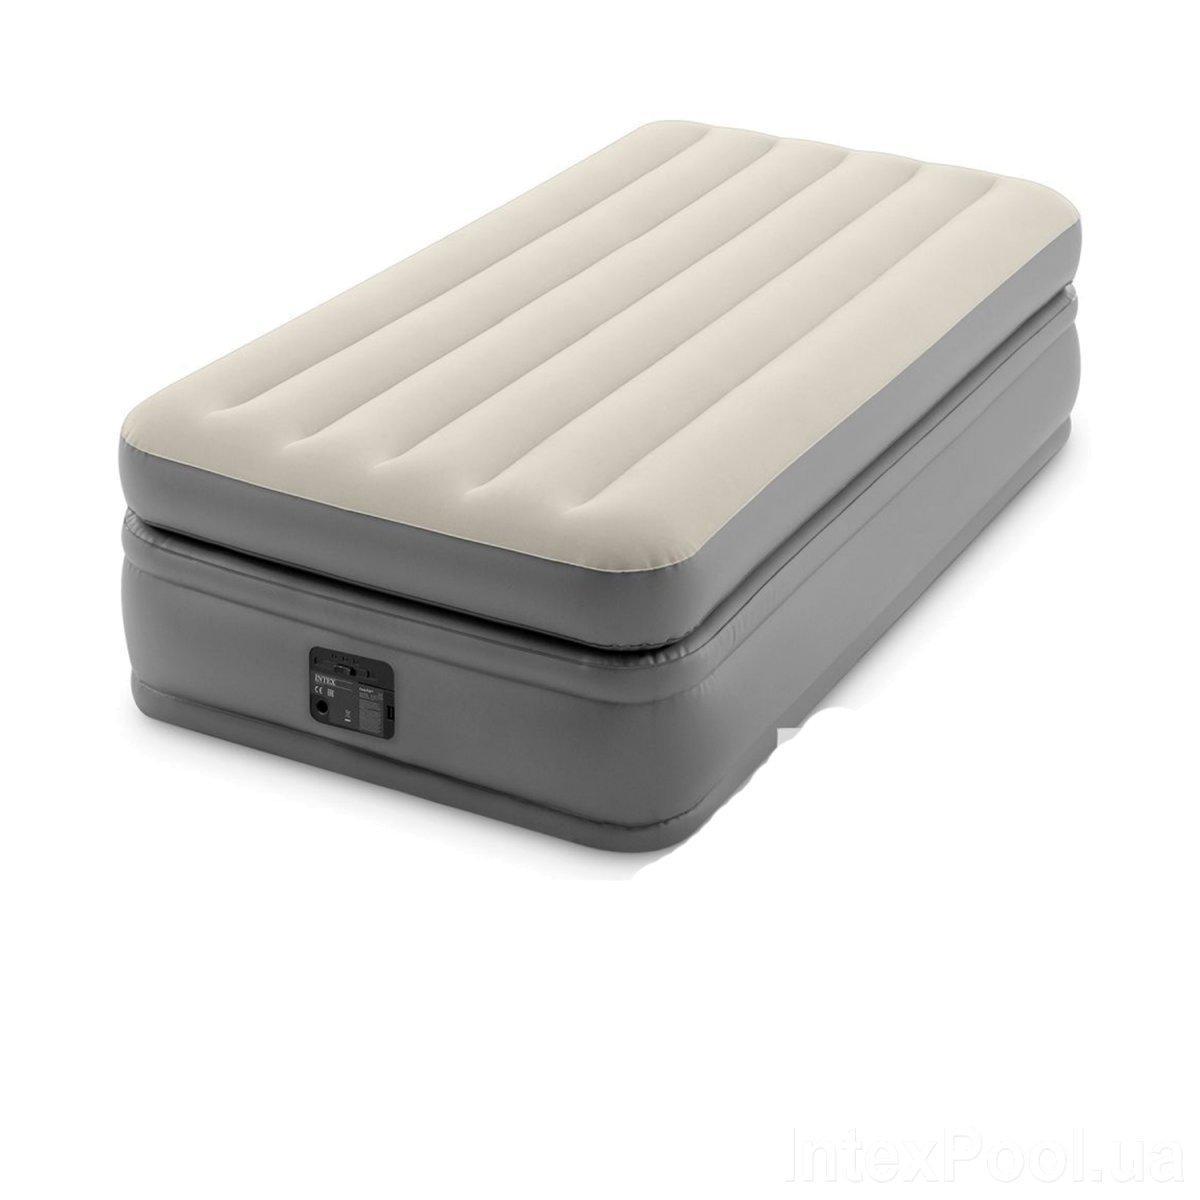 Надувная кровать Intex 64162, 99 х 191 х 51, со встроенным электрическим насосом. Односпальная